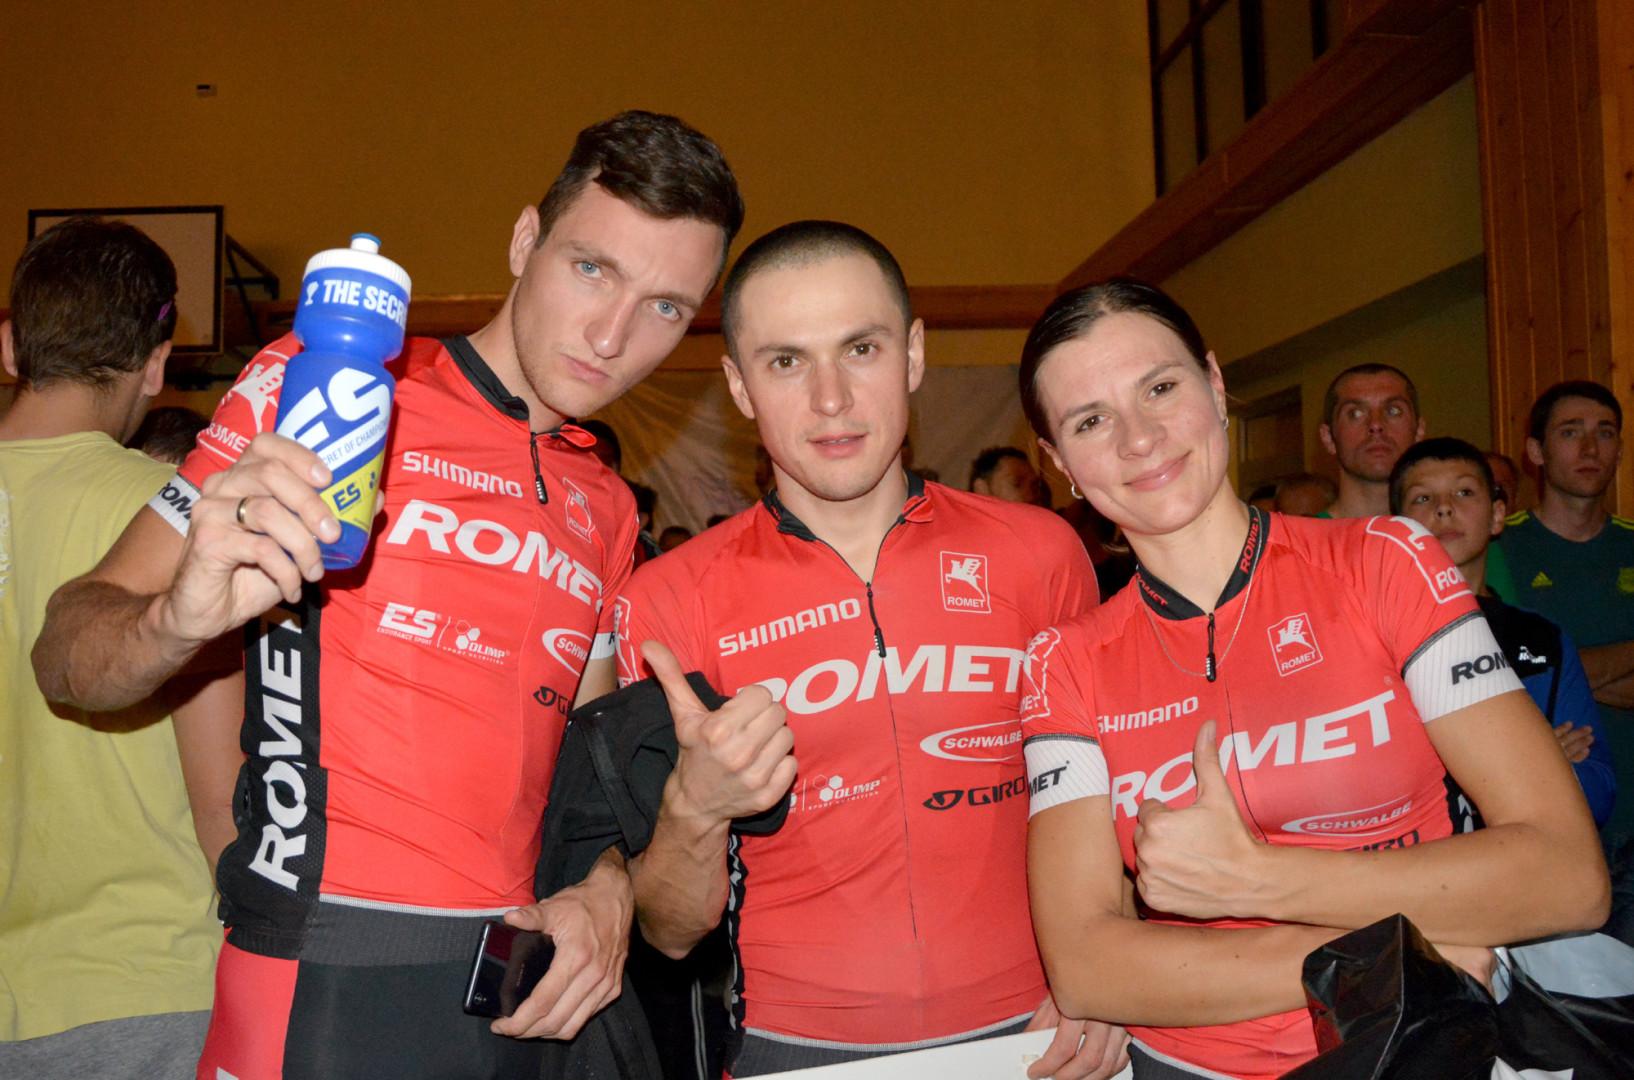 Bartosz Janowski Dominik Grządziel Katarzyna Polakowska (Romet Racing) - Bike Maraton - Świeradów Zdrój